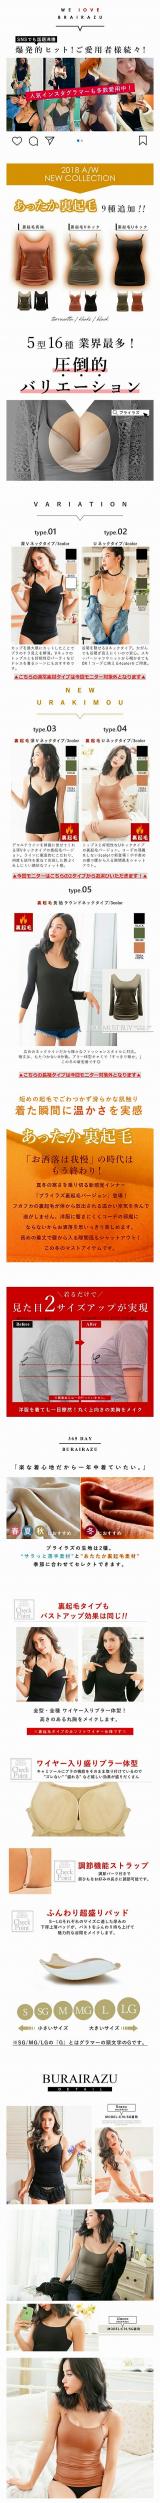 「真冬の寒さを乗り切る新感覚インナー♪スタイルUP」の画像(5枚目)